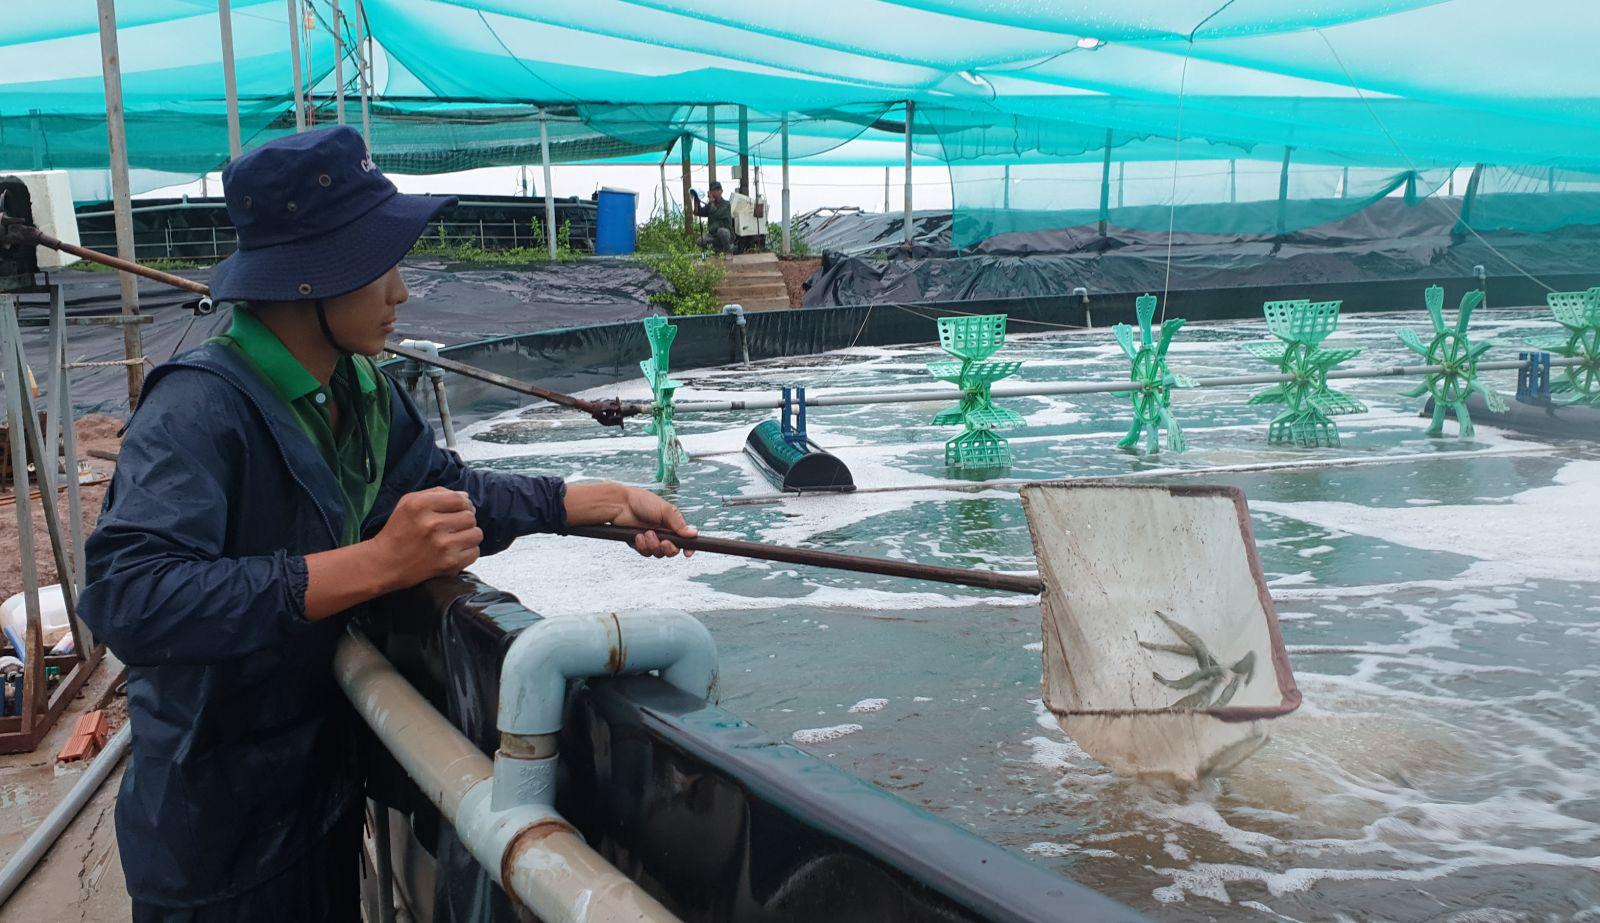 Bạc Liêu: Làm hồ trên cạn nuôi tôm công nghệ cao, 1 năm nuôi 3-4 vụ, mỗi vụ thu 2 tỷ - Ảnh 3.